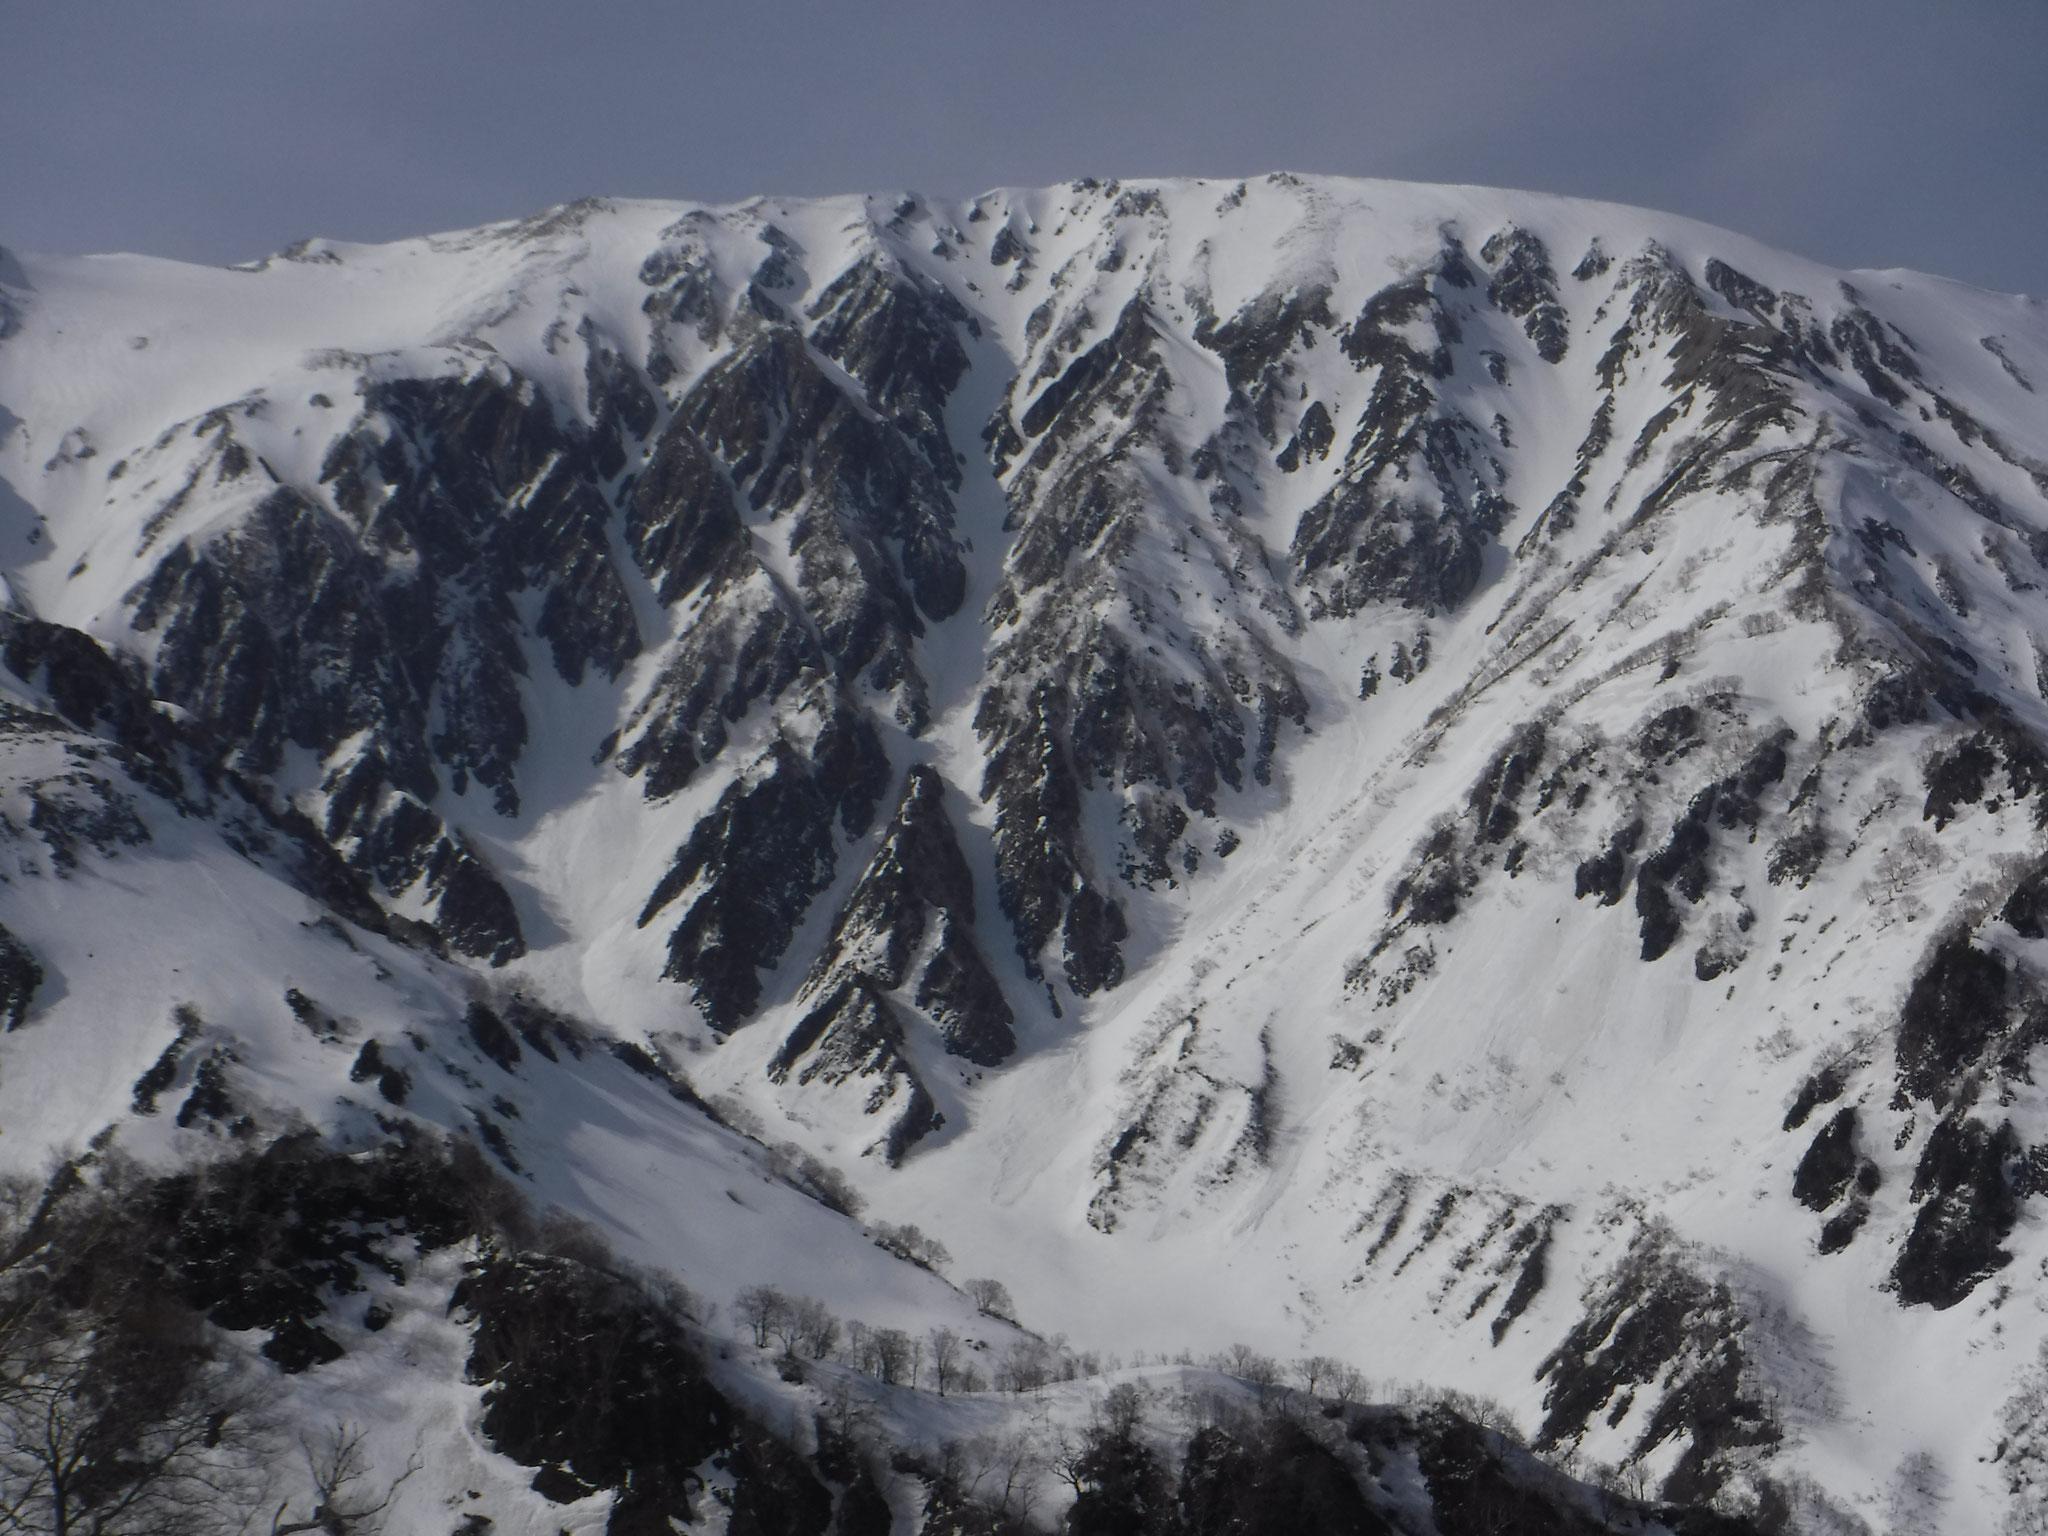 小蓮華岳南面、狭く、雪の状態によっては危険なコース